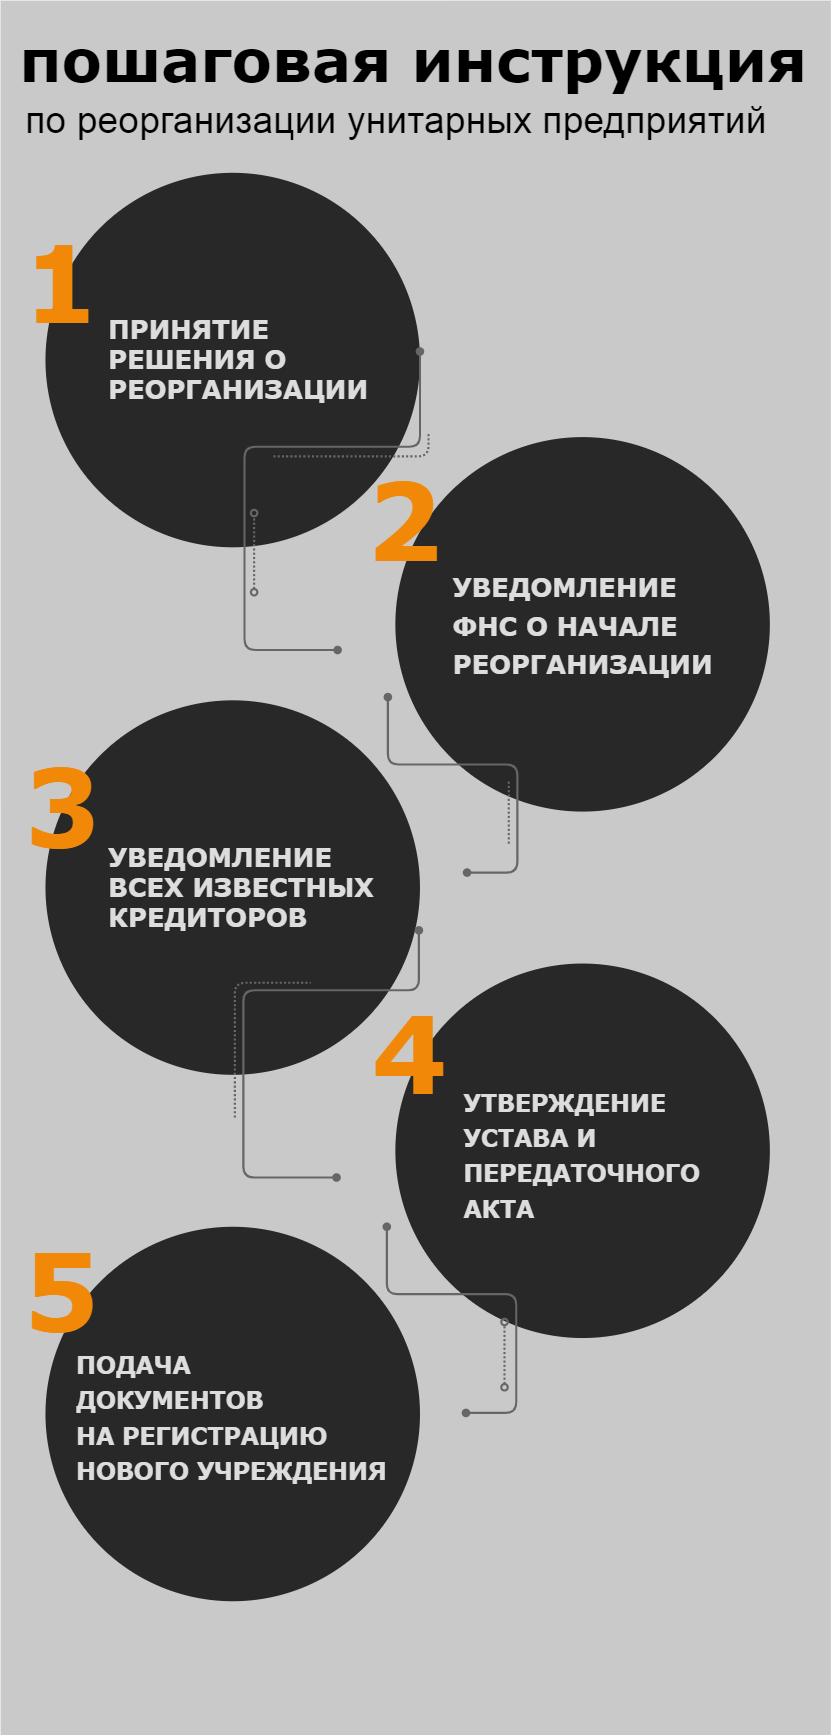 Реорганизация унитарных предприятий